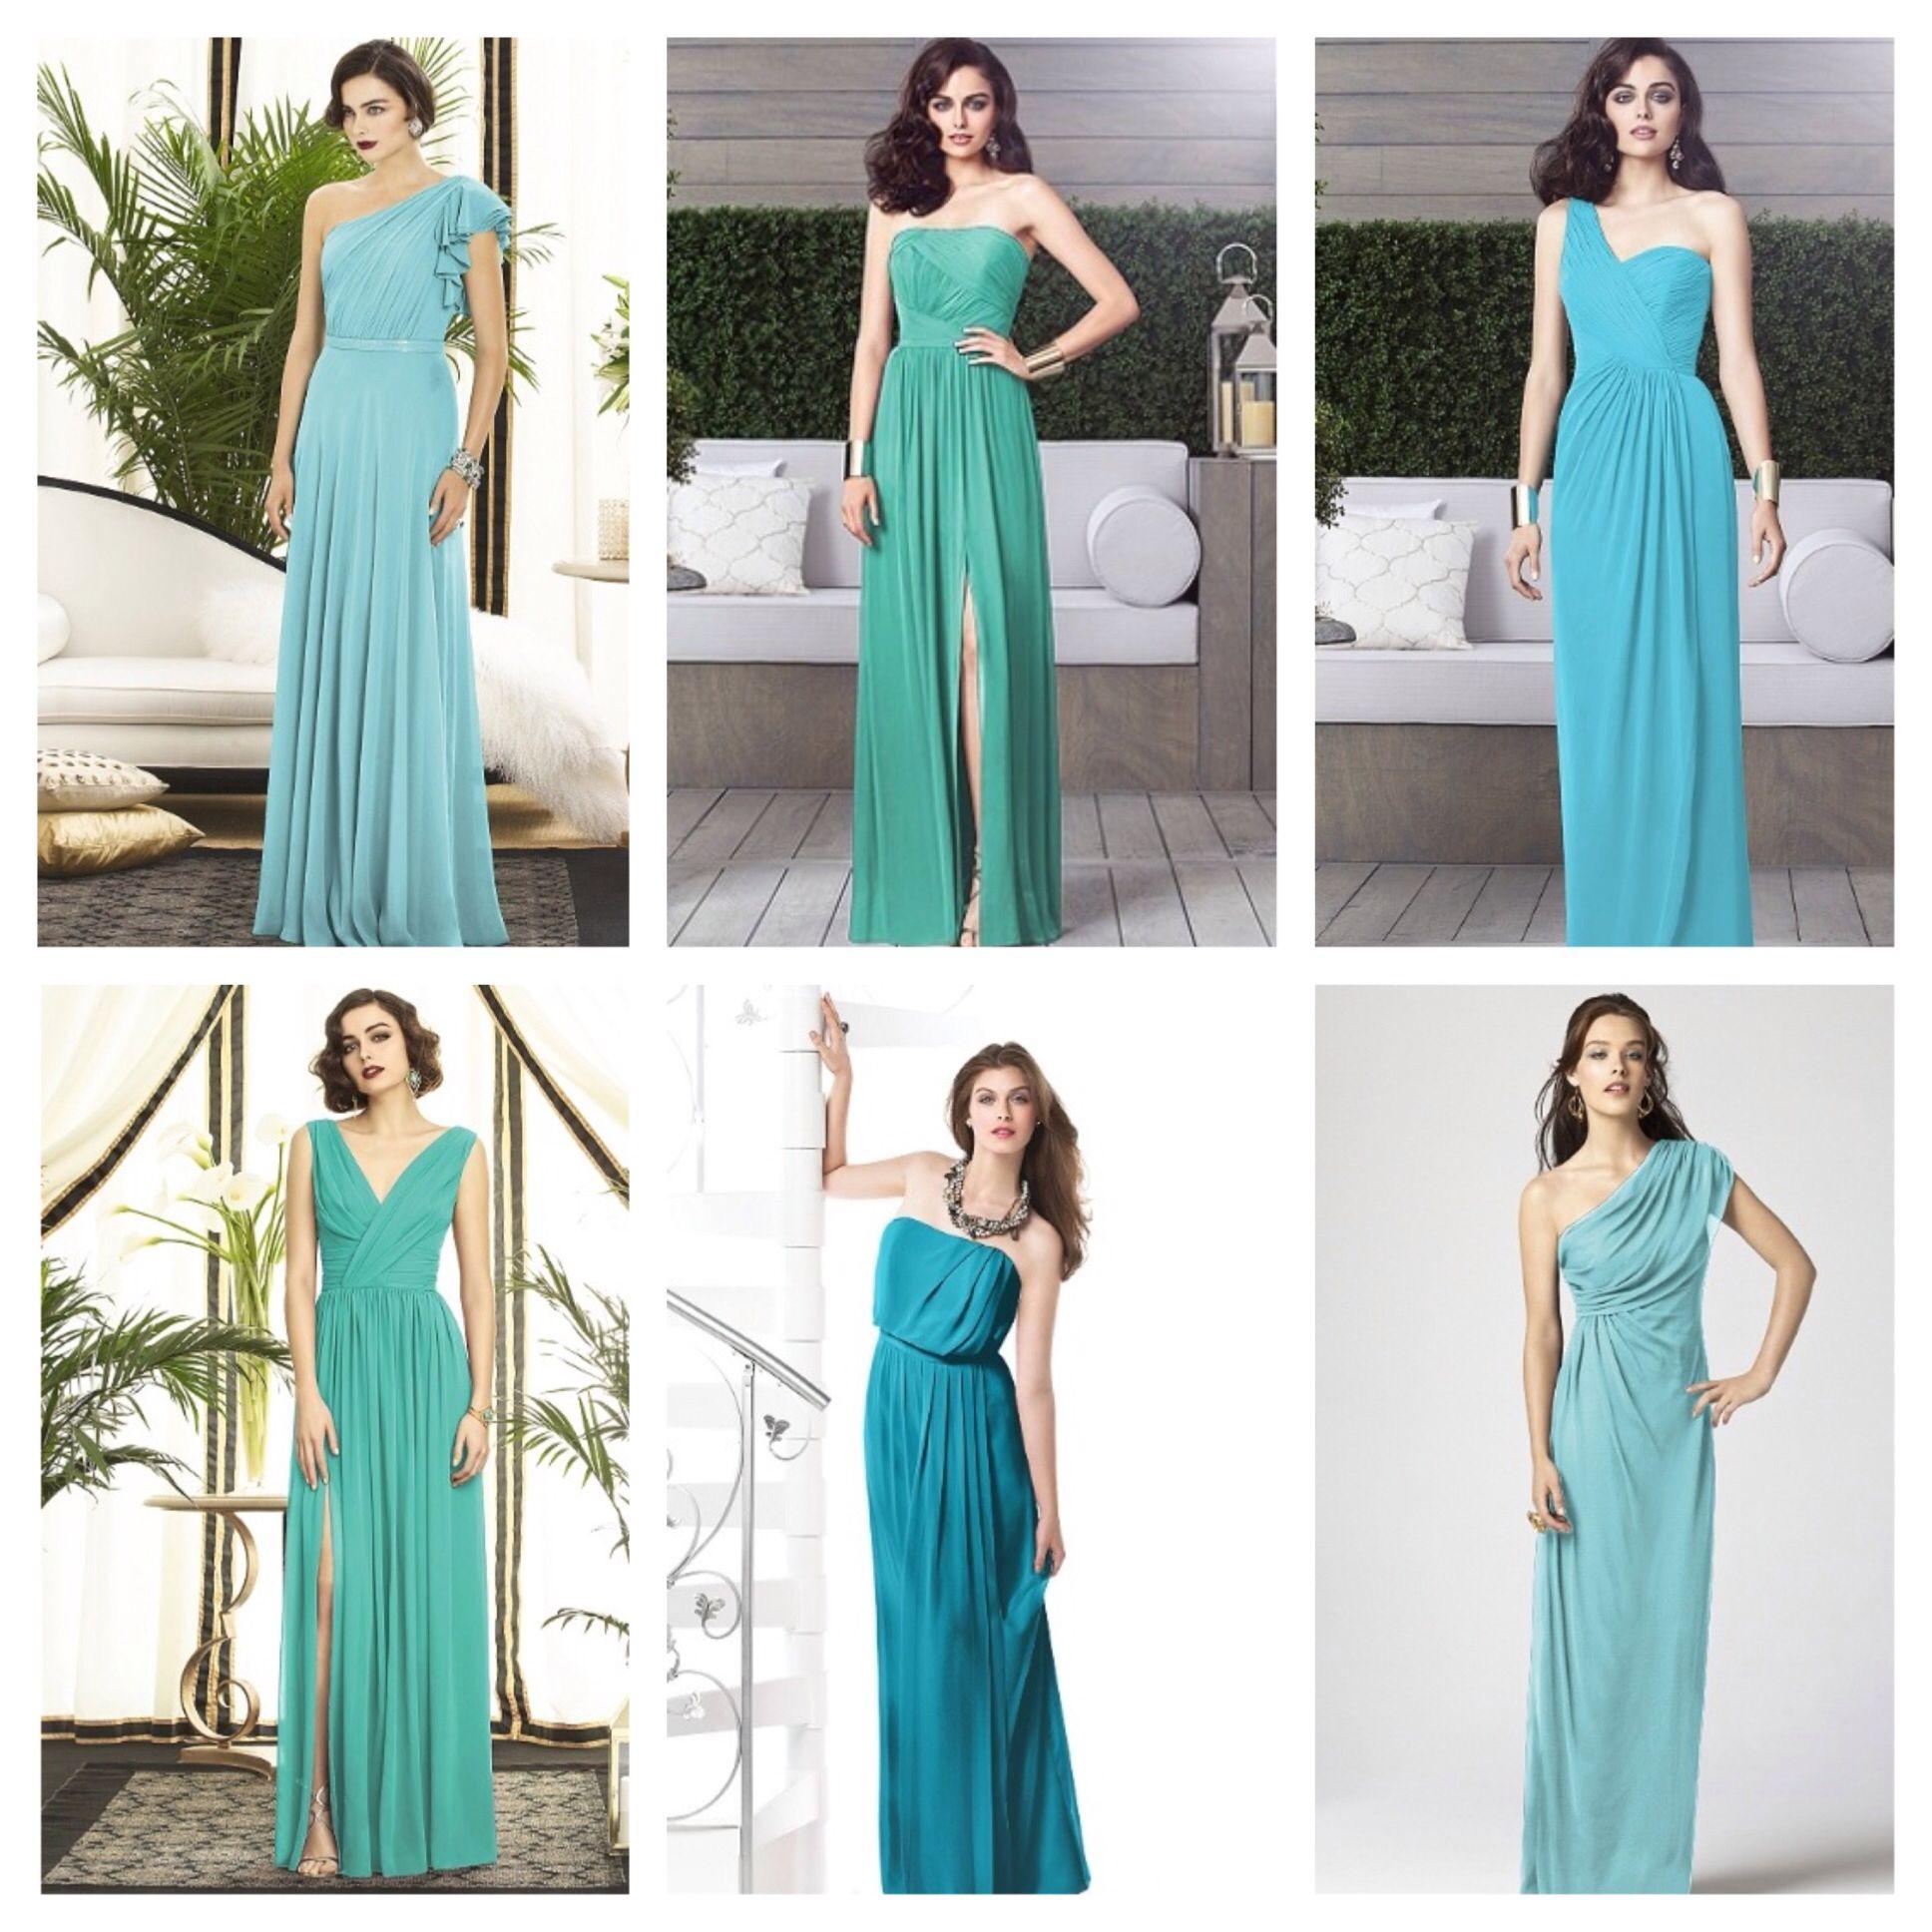 Mismatched long blue bridesmaid dresses marie damon mismatched long blue bridesmaid dresses ombrellifo Images